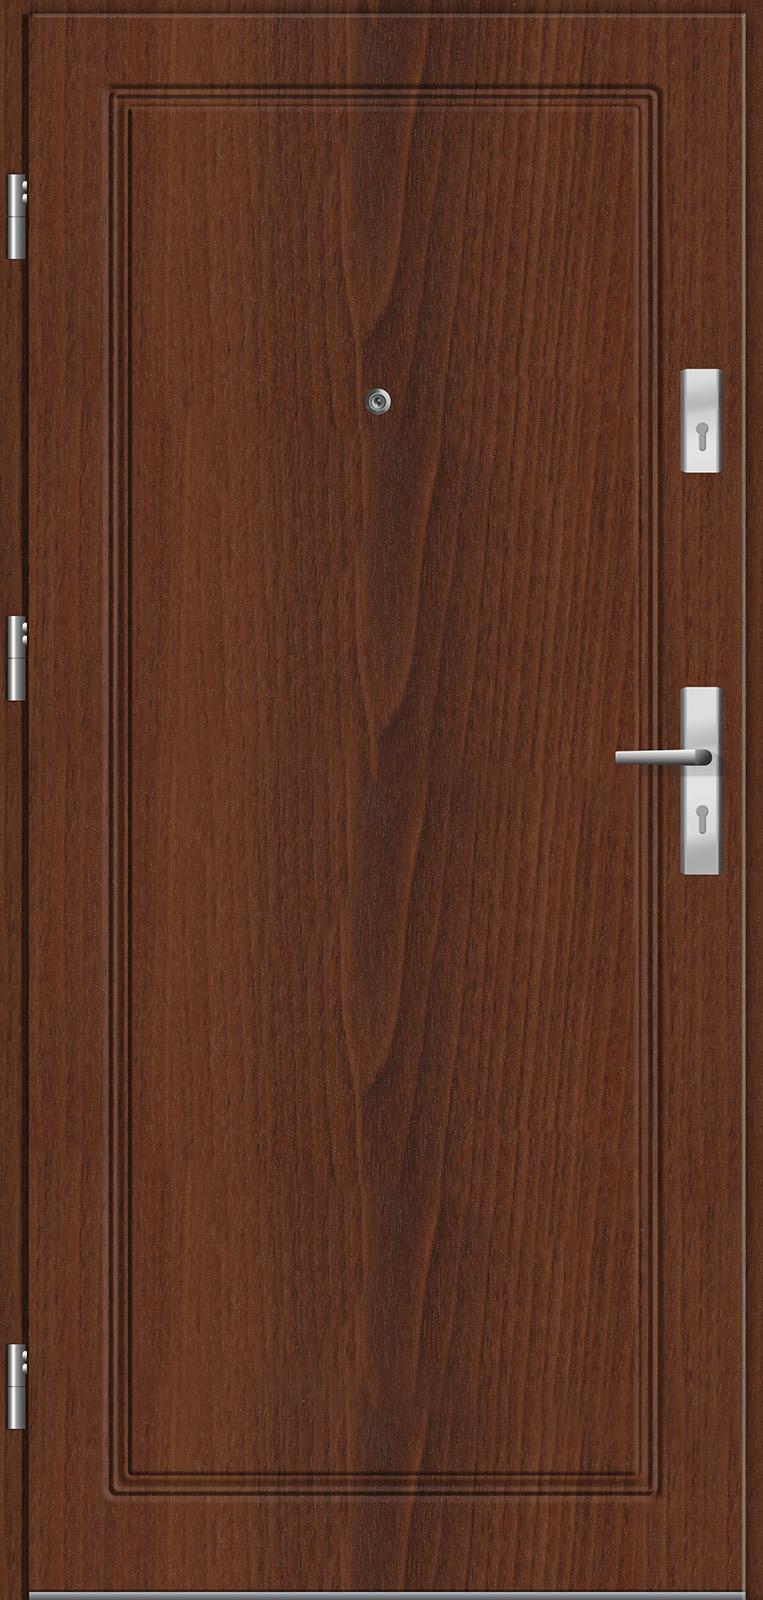 Drzwi wewnętrzne do mieszkań Otium 42 orzech lanzado